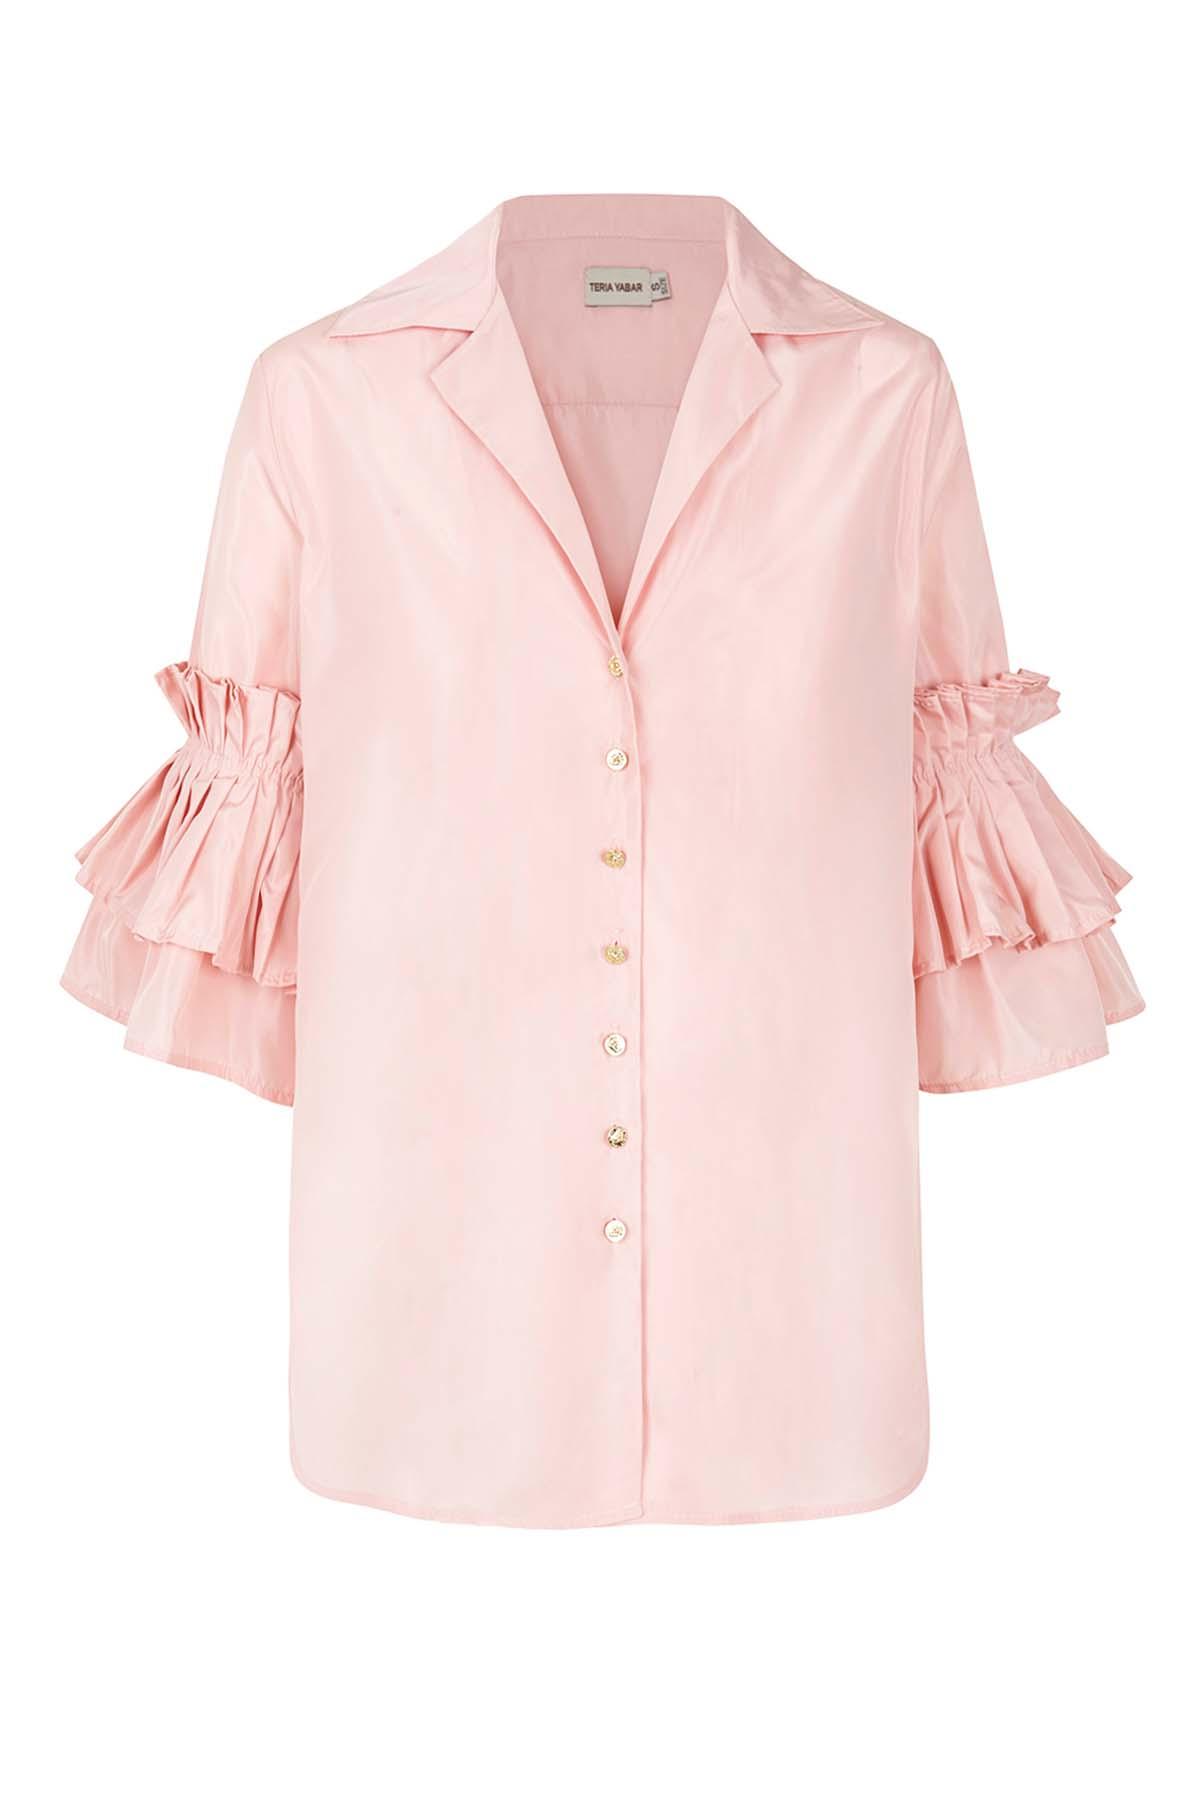 Teria Yabar - Camisa rosa de volantes